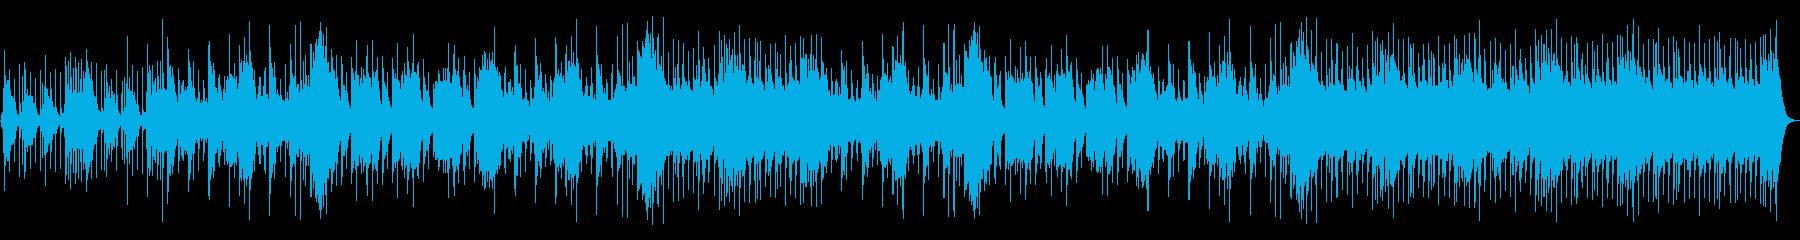 ティンパニ、スネア、木琴、マリンバ...の再生済みの波形